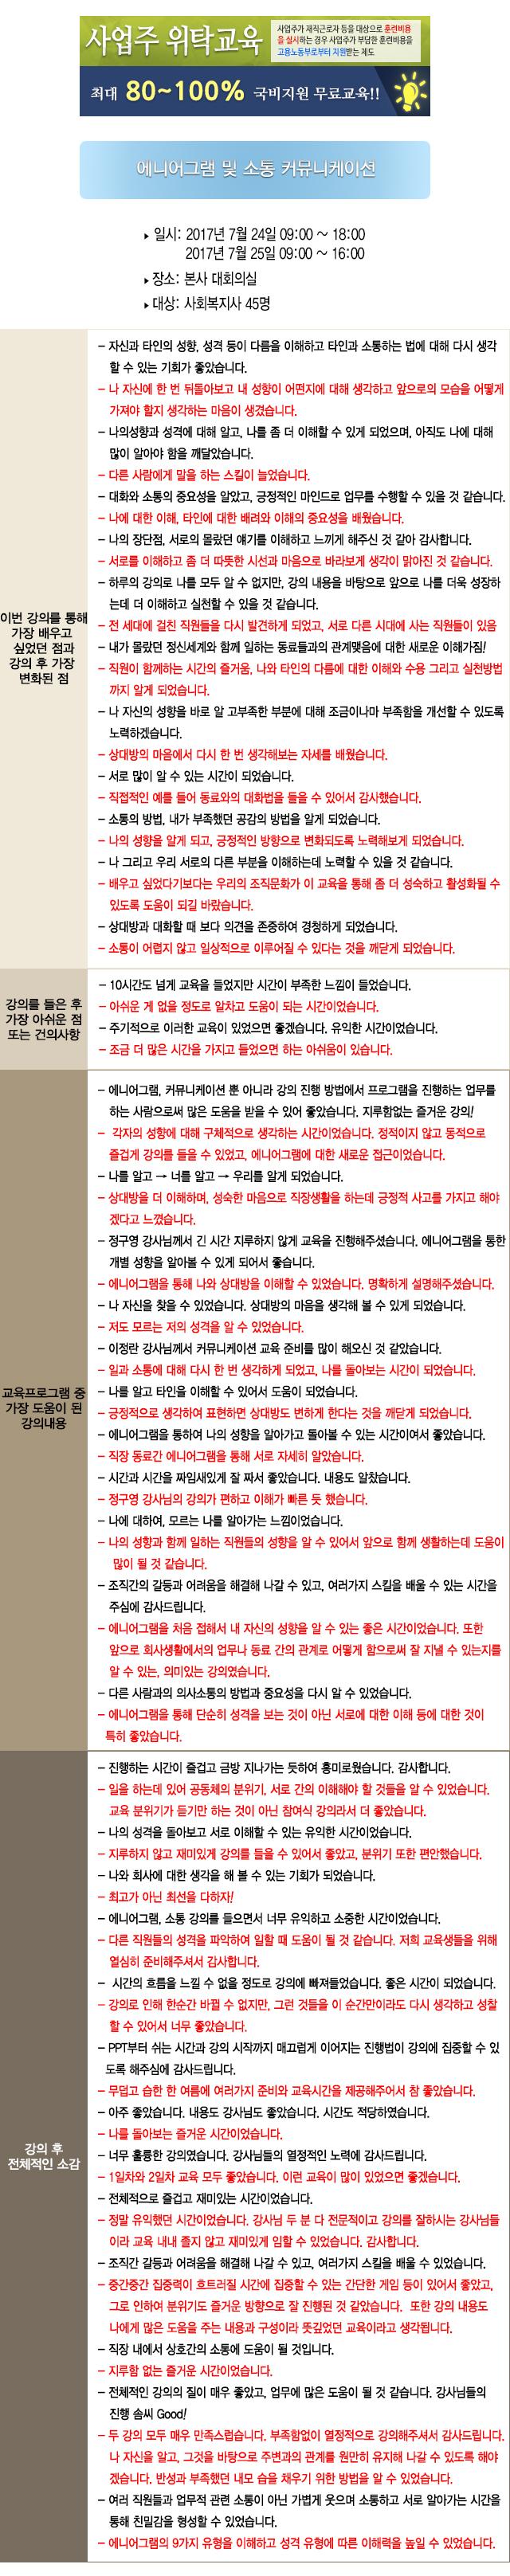 한국중앙인재개발원 후기 명휘원.jpg